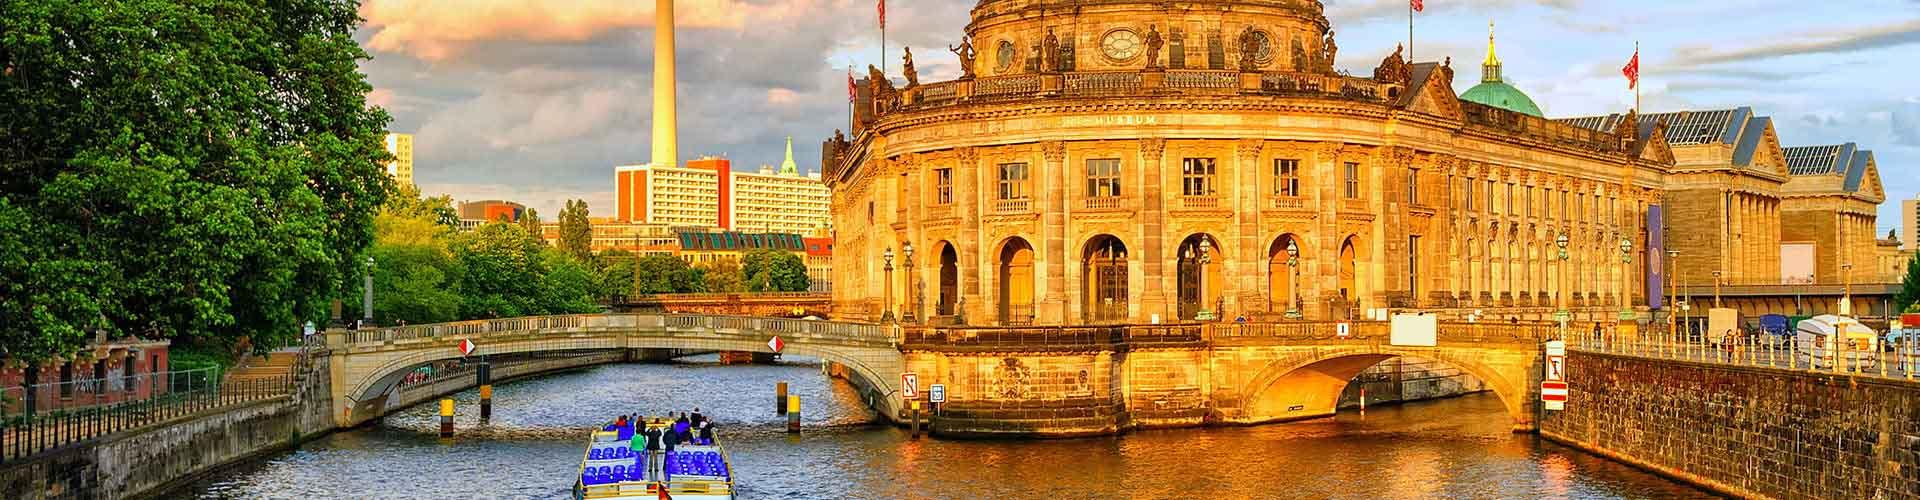 柏林 – District Tiergarten区的青年旅馆。柏林 地图,柏林 每间青年旅馆的照片和评分。